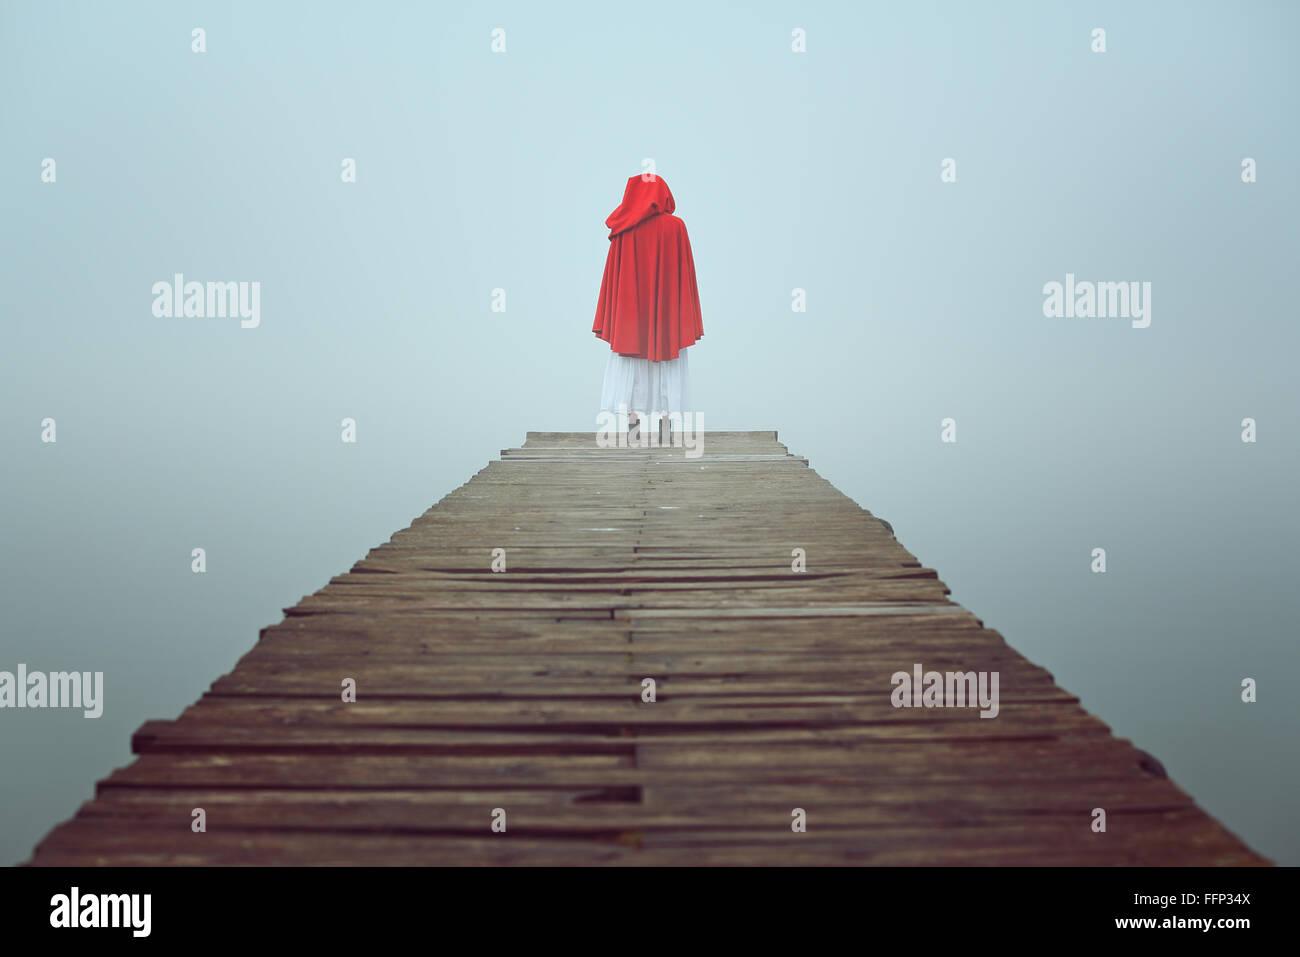 Con cappuccio rosso donna guarda al lago di nebbia su un molo in legno . Tristezza e solitudine concept Immagini Stock